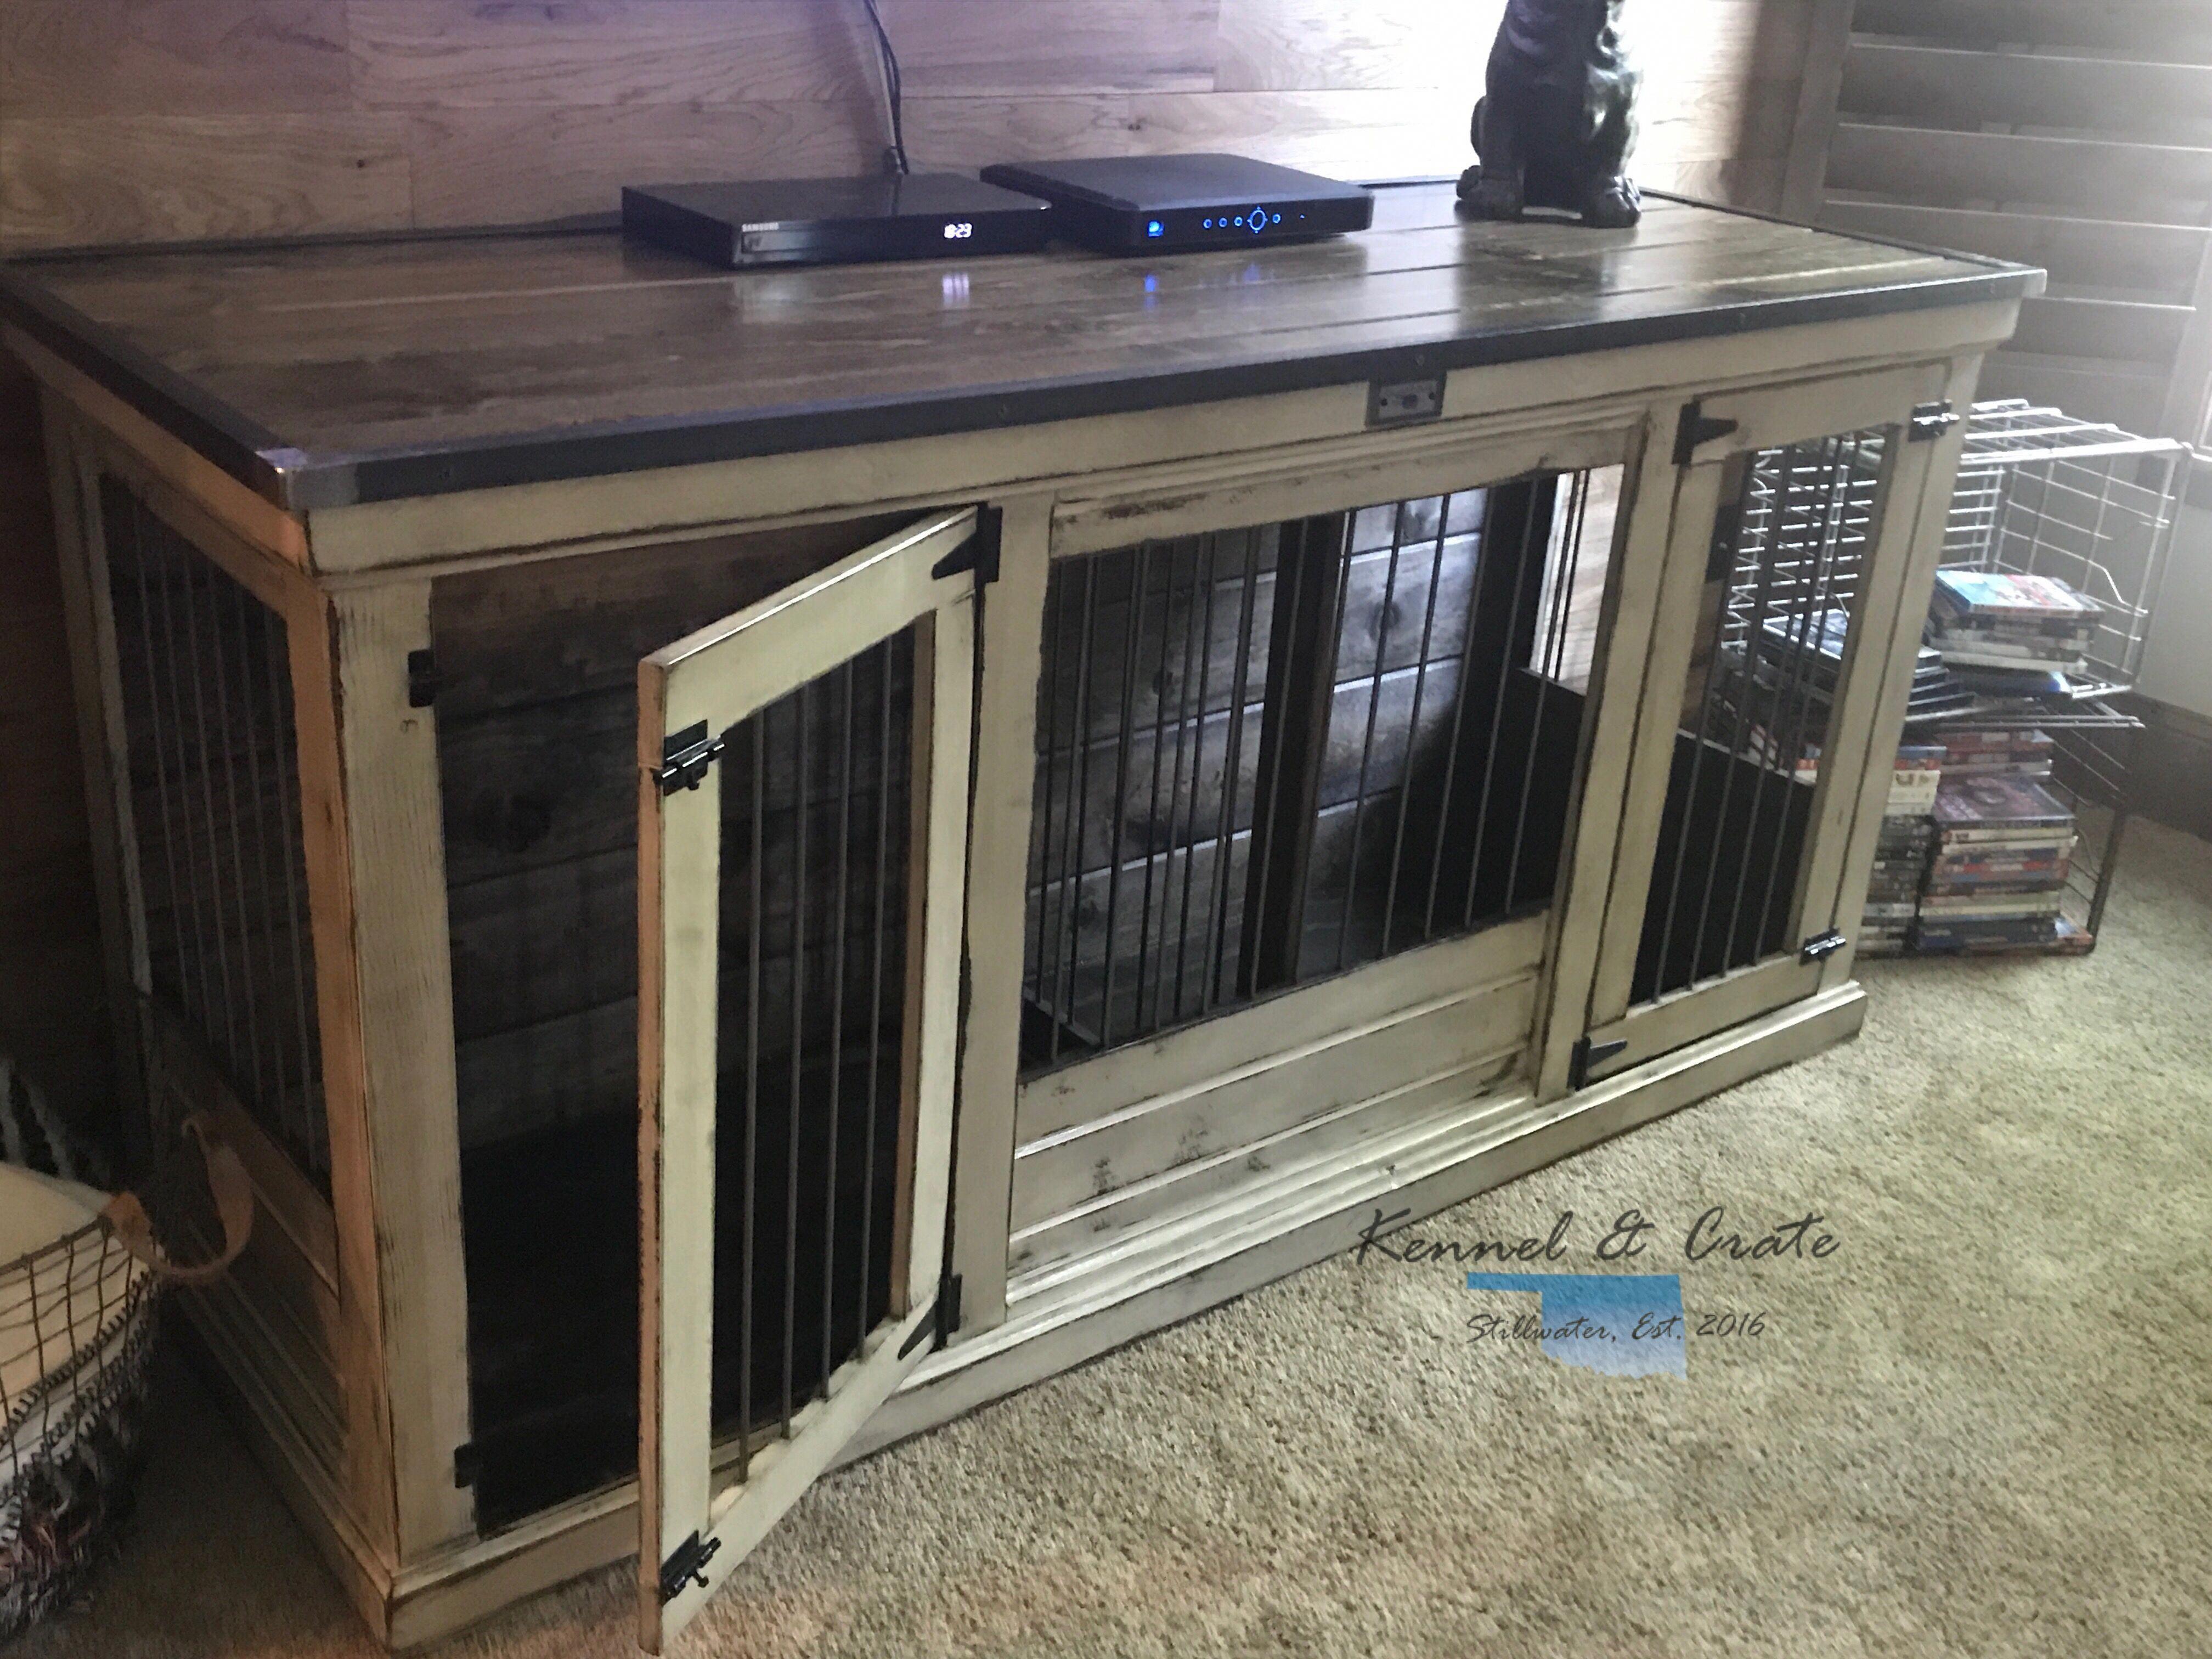 Dog Kennel Kitchen Island Dogkennelkitchenisland Diy Dog Crate Dog Crate Furniture Luxury Dog Kennels